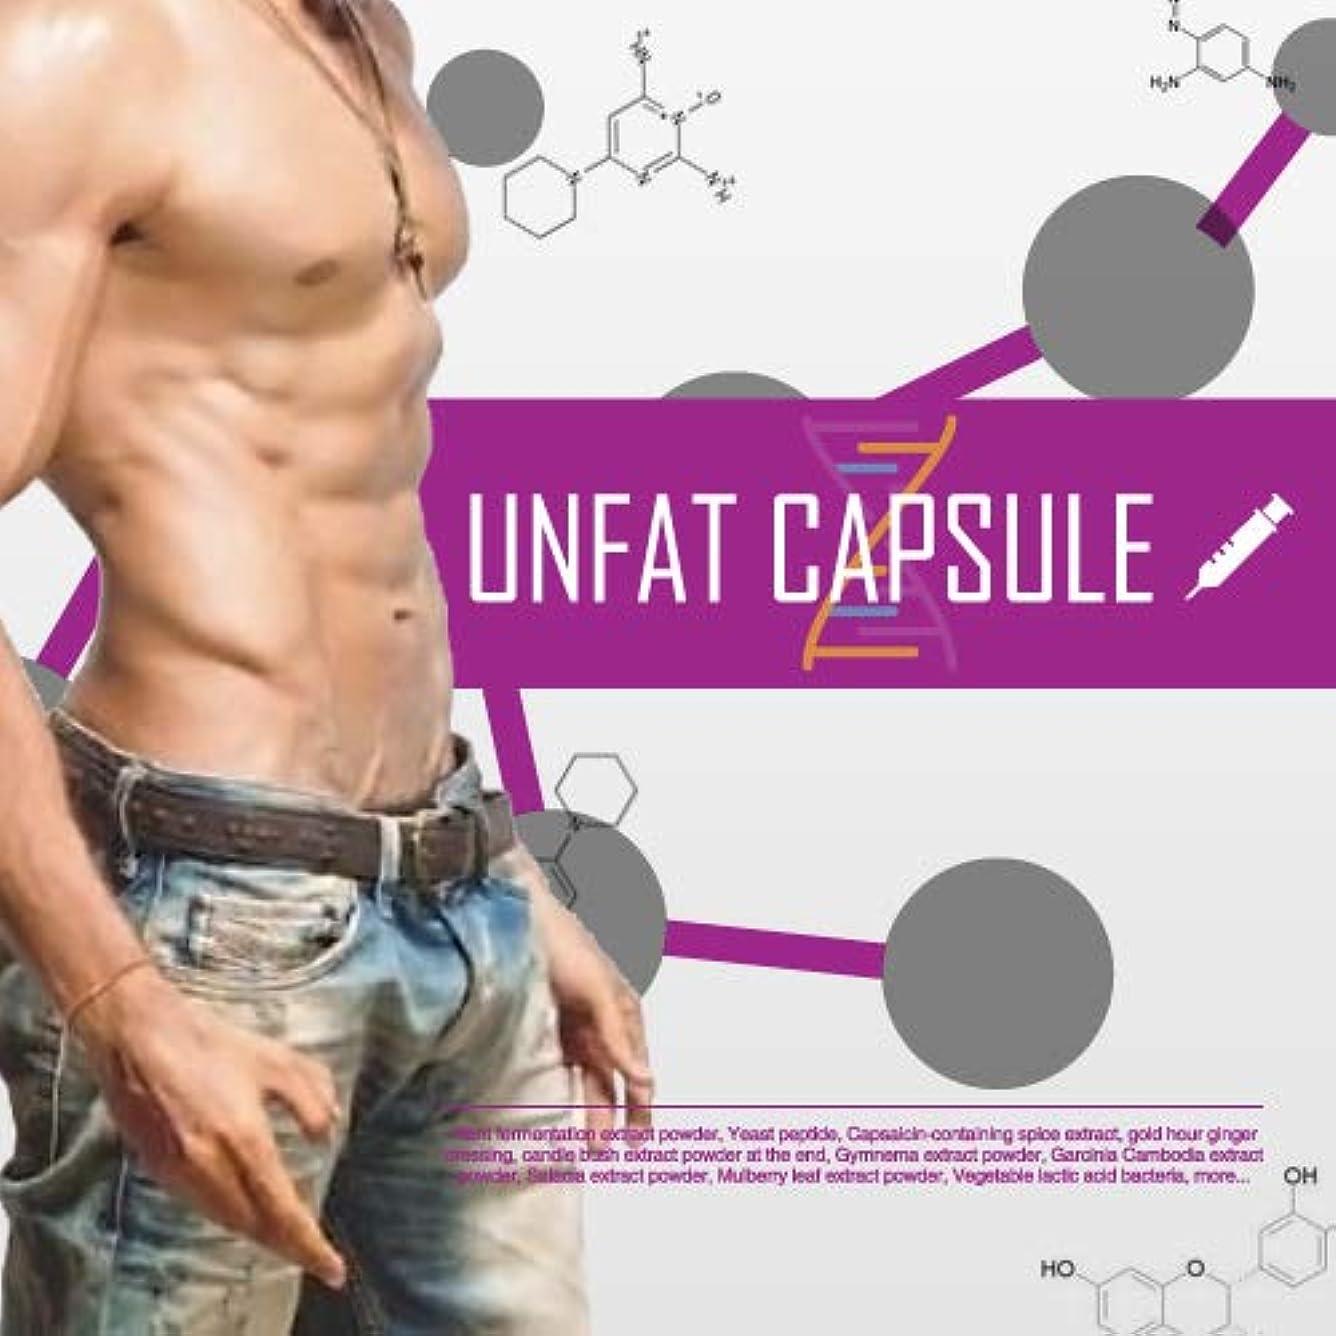 コンクリート多様な色合いアンファットカプセル (5) / ダイエットサプリ サプリメント コエンザイムQ10 プラセンタ ブラックジンジャー ビタミンC アルギニン 栄養補助食品 美ボディ 美body